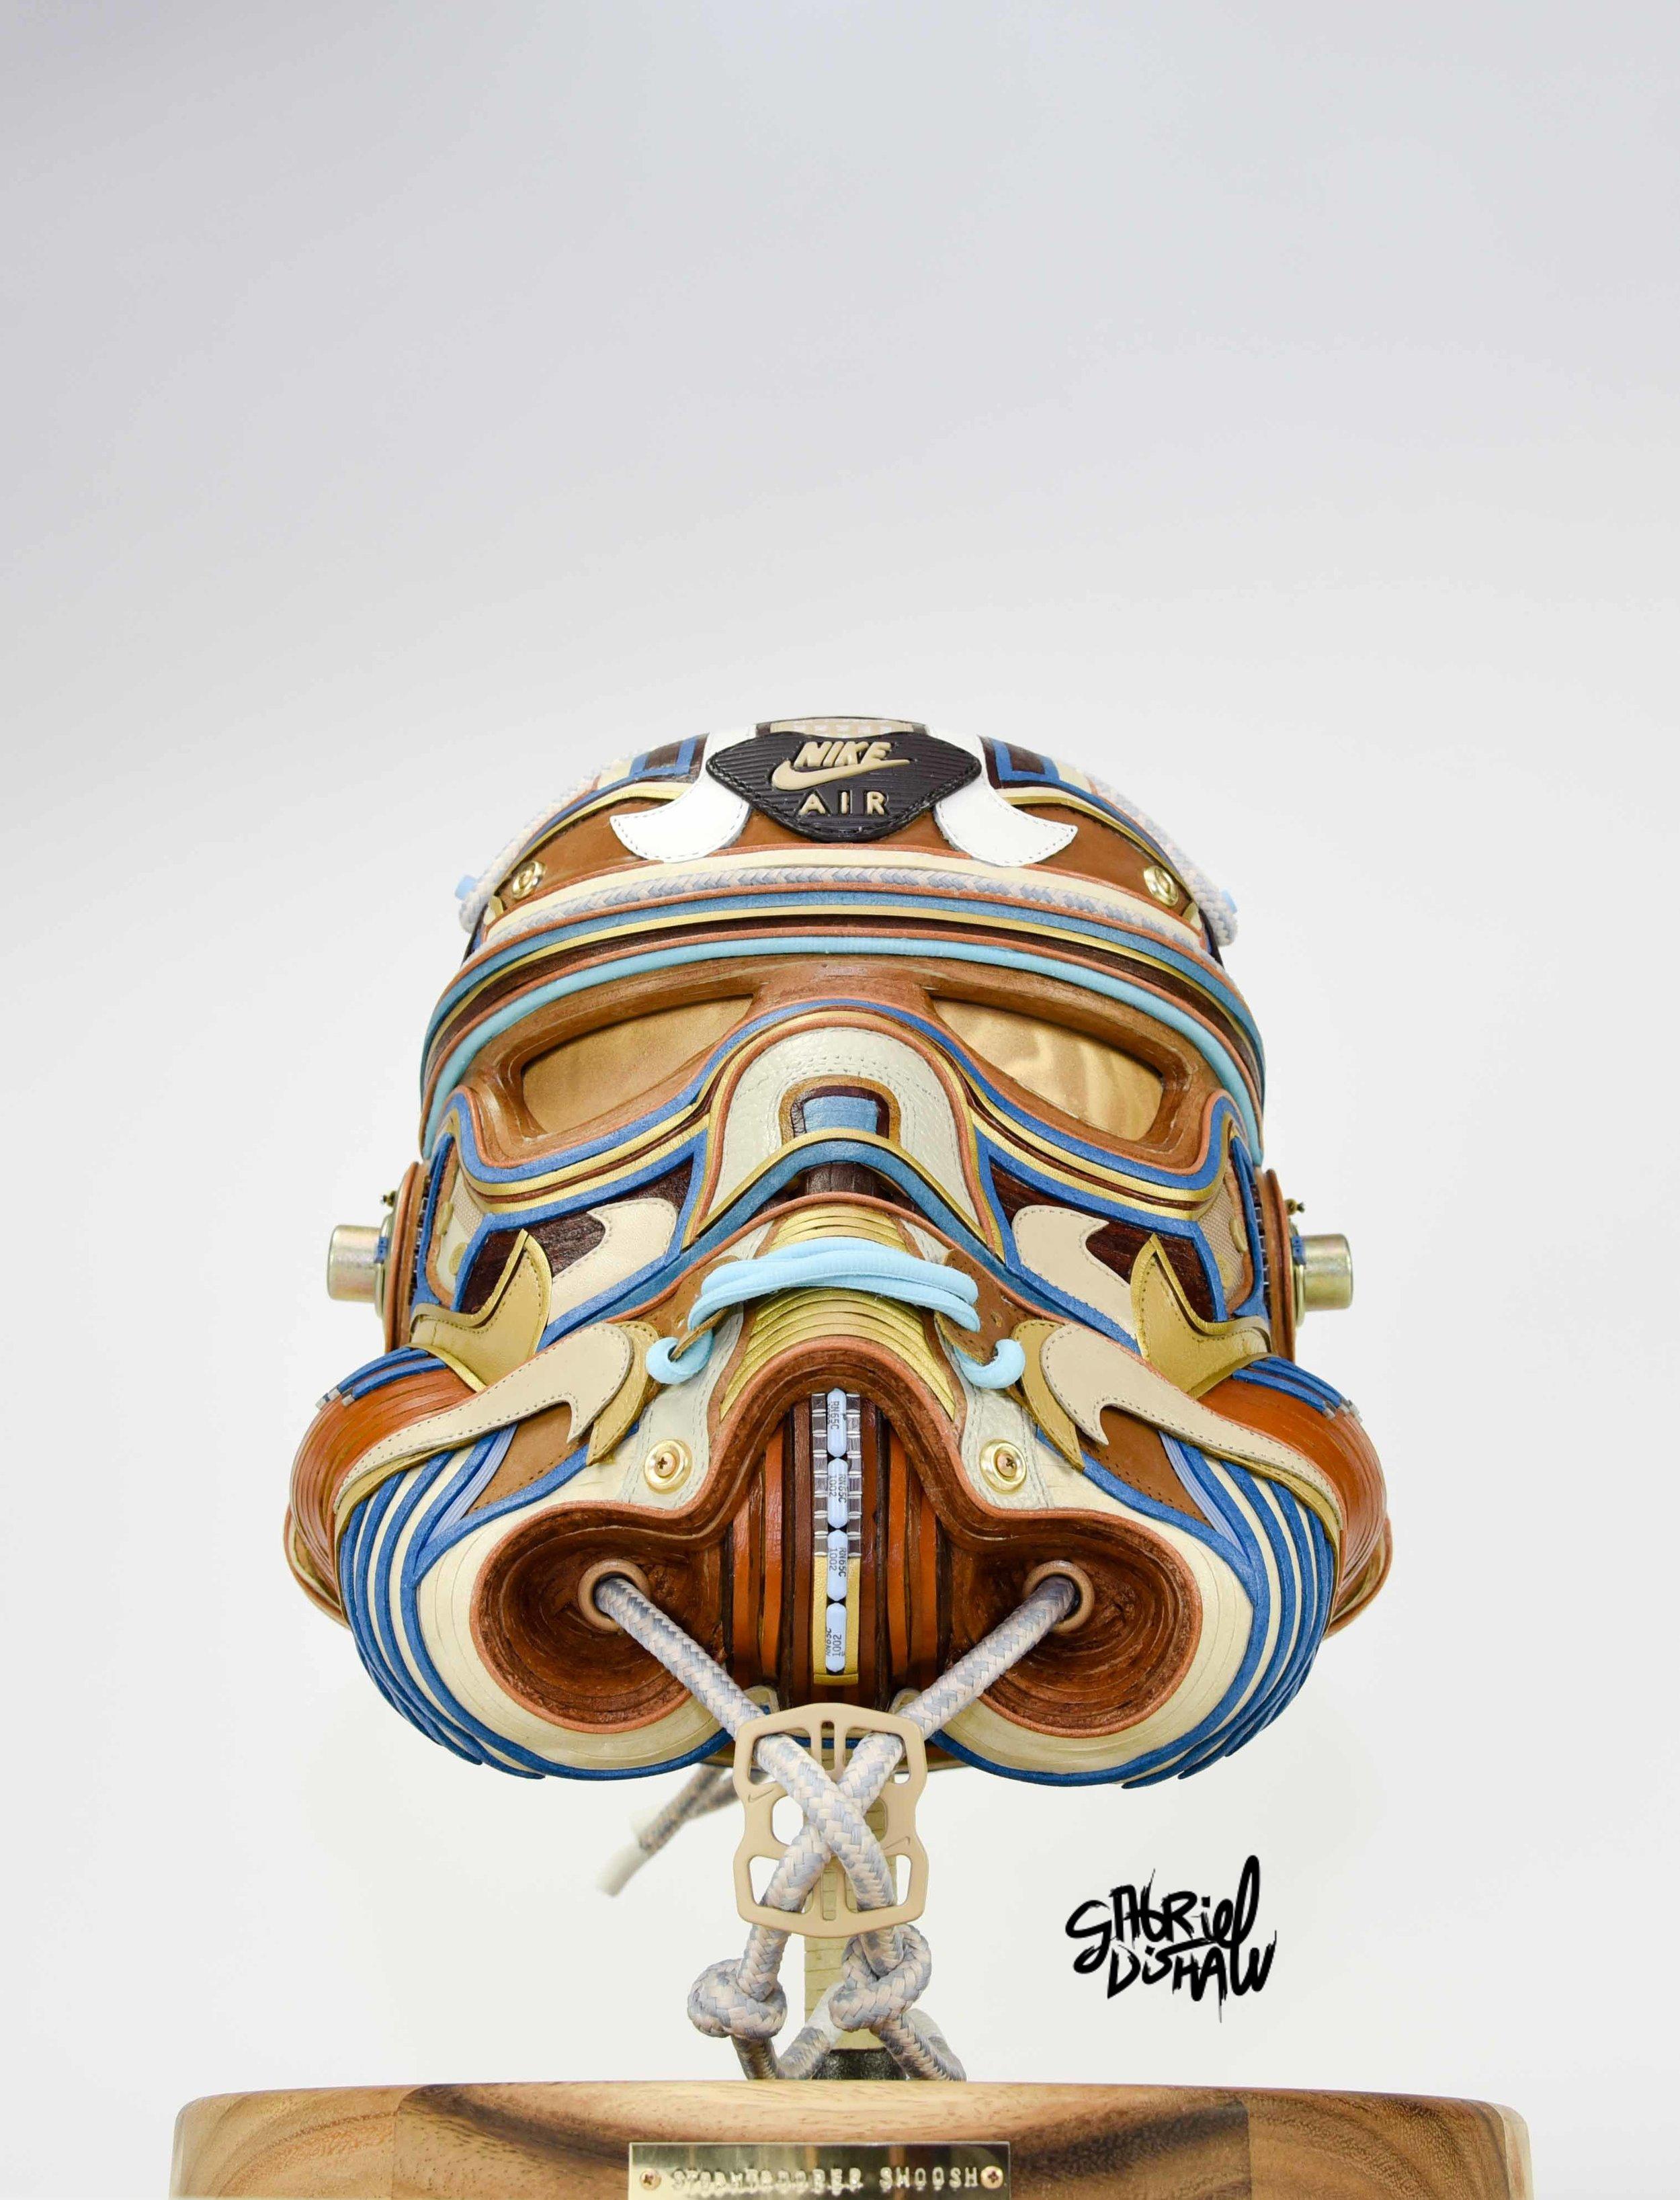 Gabriel Dishaw Stormtrooper Swoosh-2032.jpg